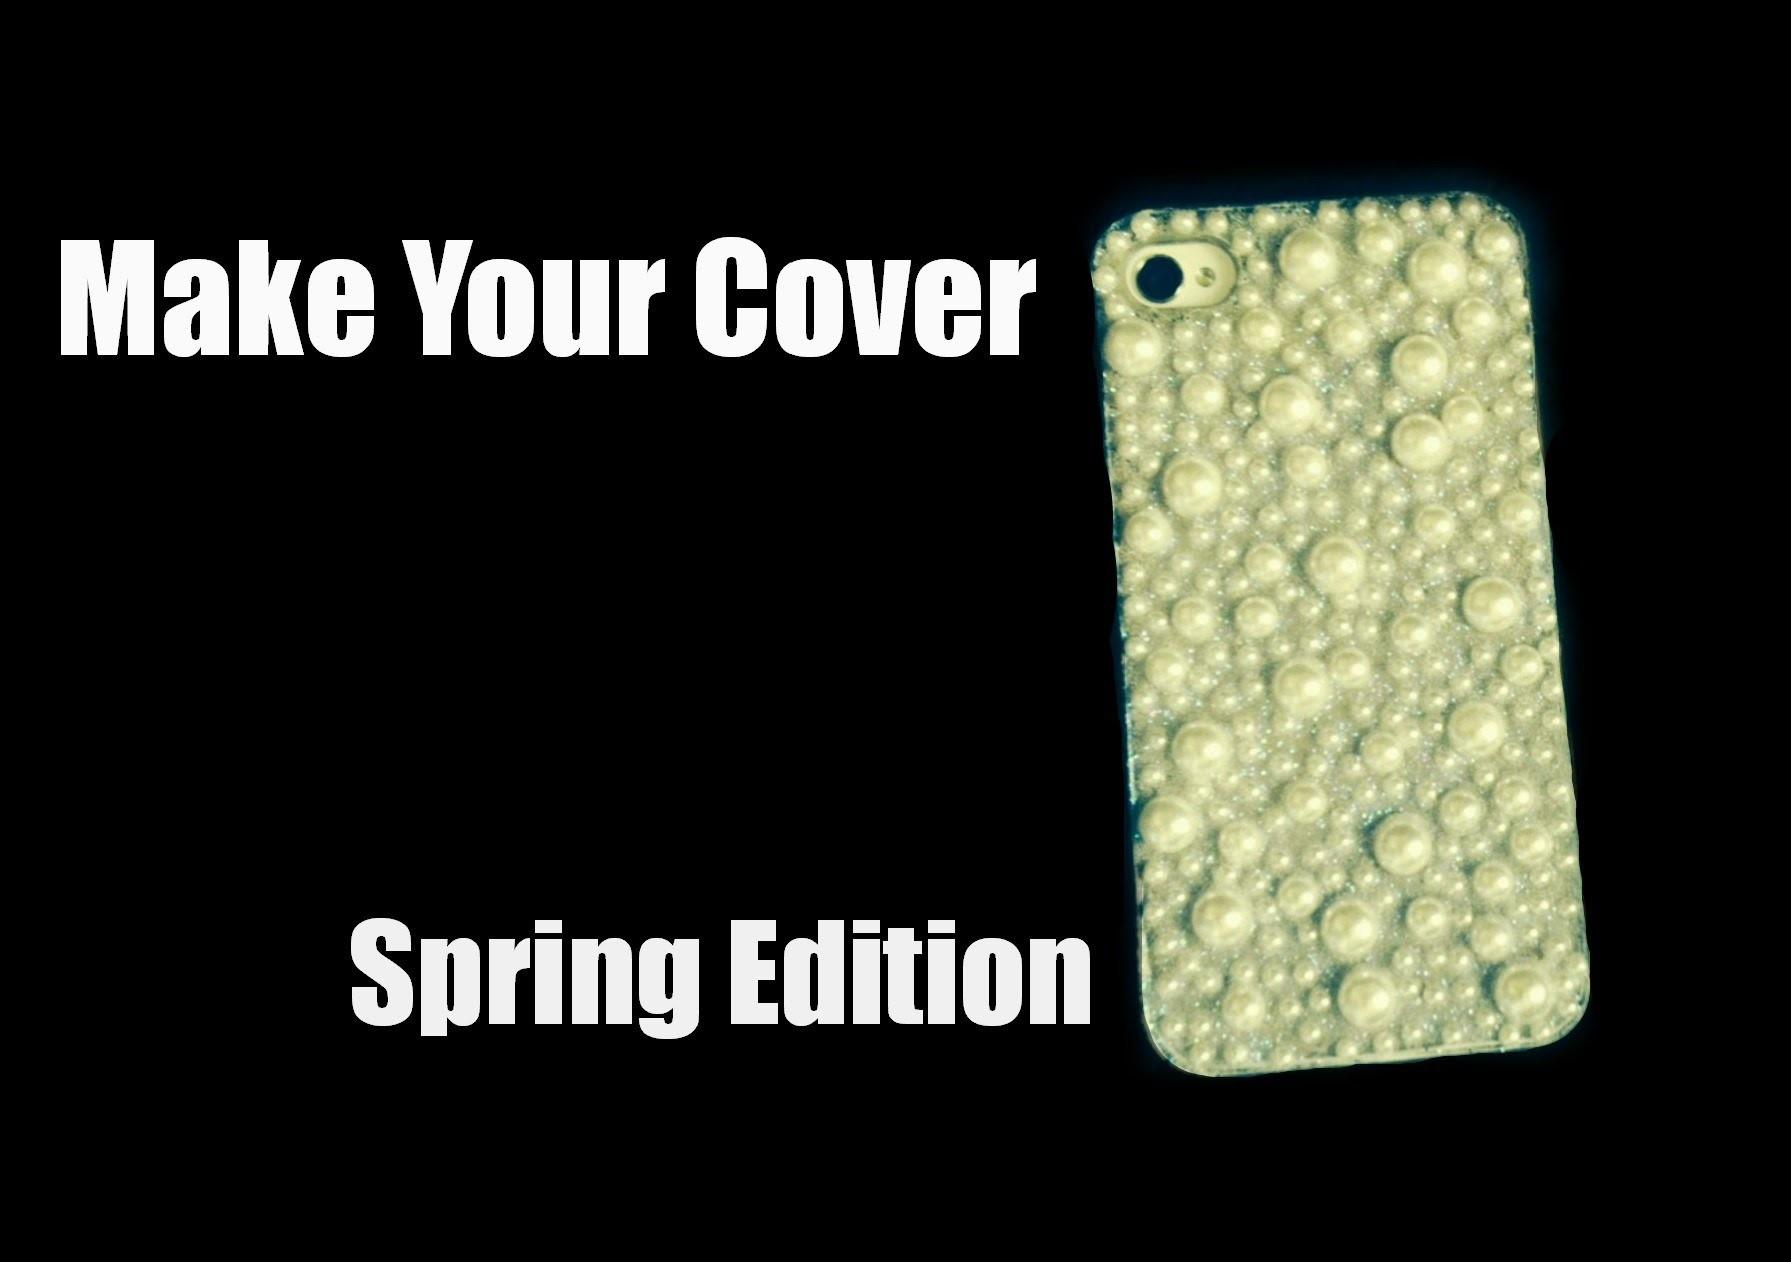 Make Your Cover #2 Costruisci la tua cover: Spring Edition (D.I.Y.) Arte per Te